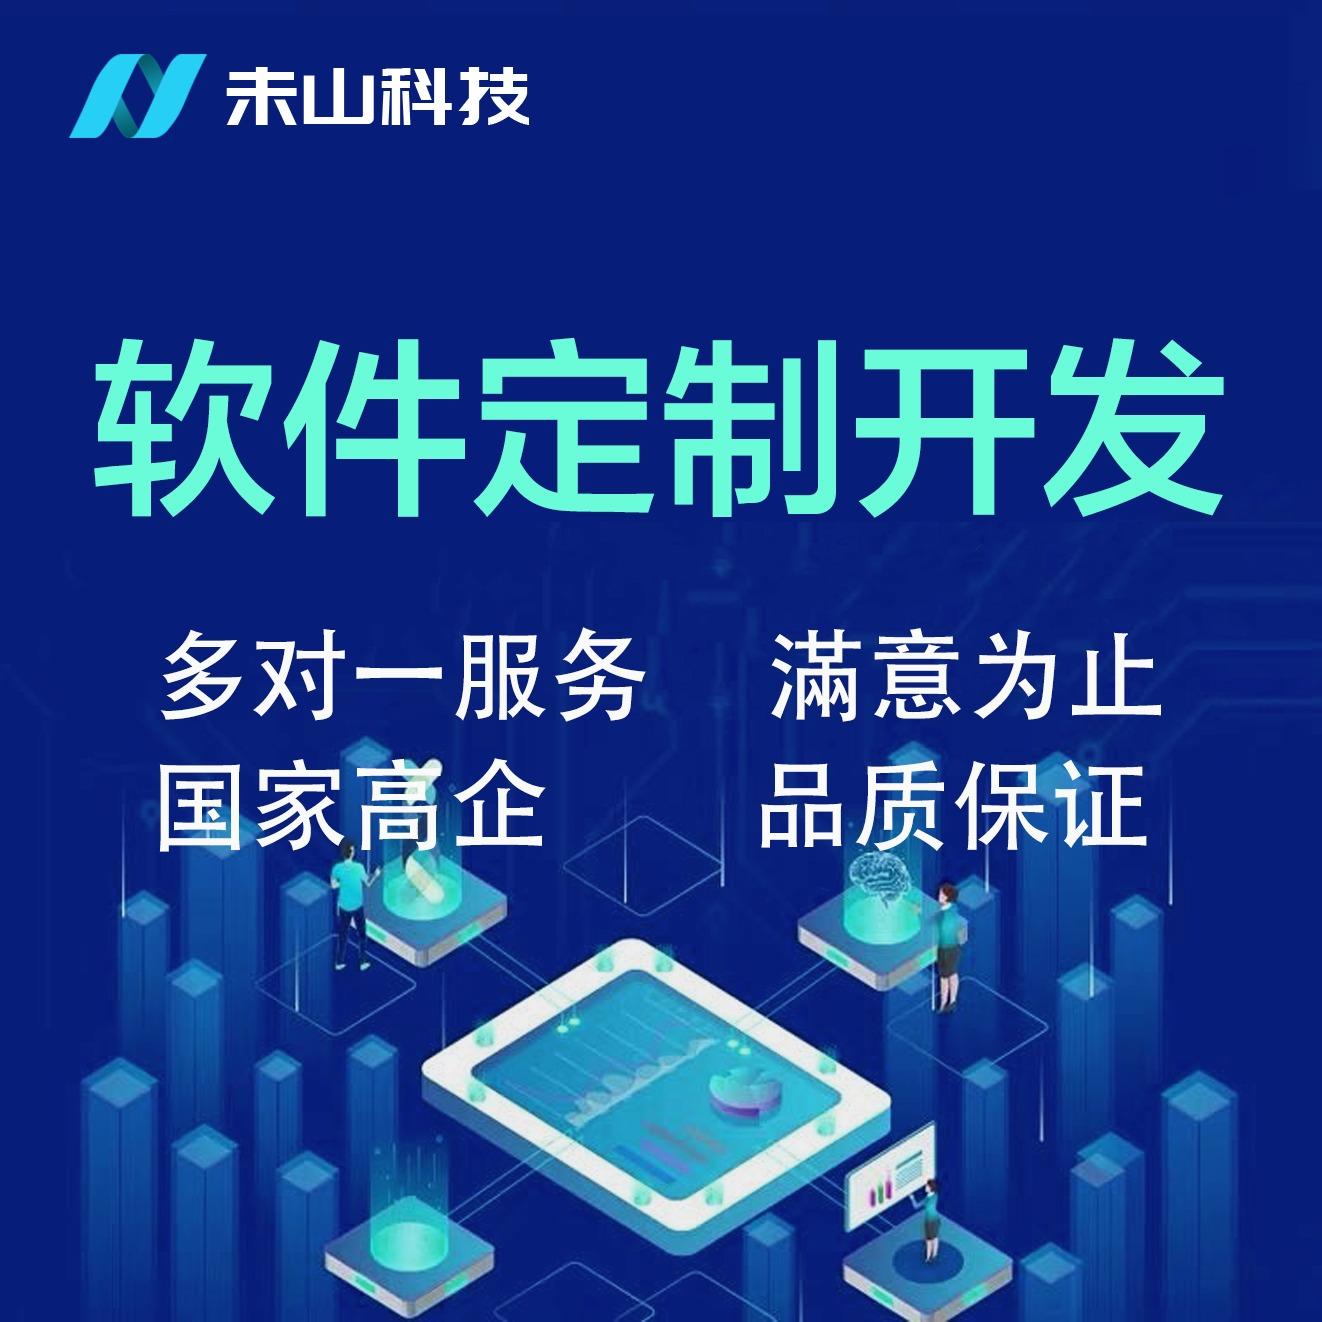 软件定制开发/应用程序/工具软件/数据库/电商软件/商城定制